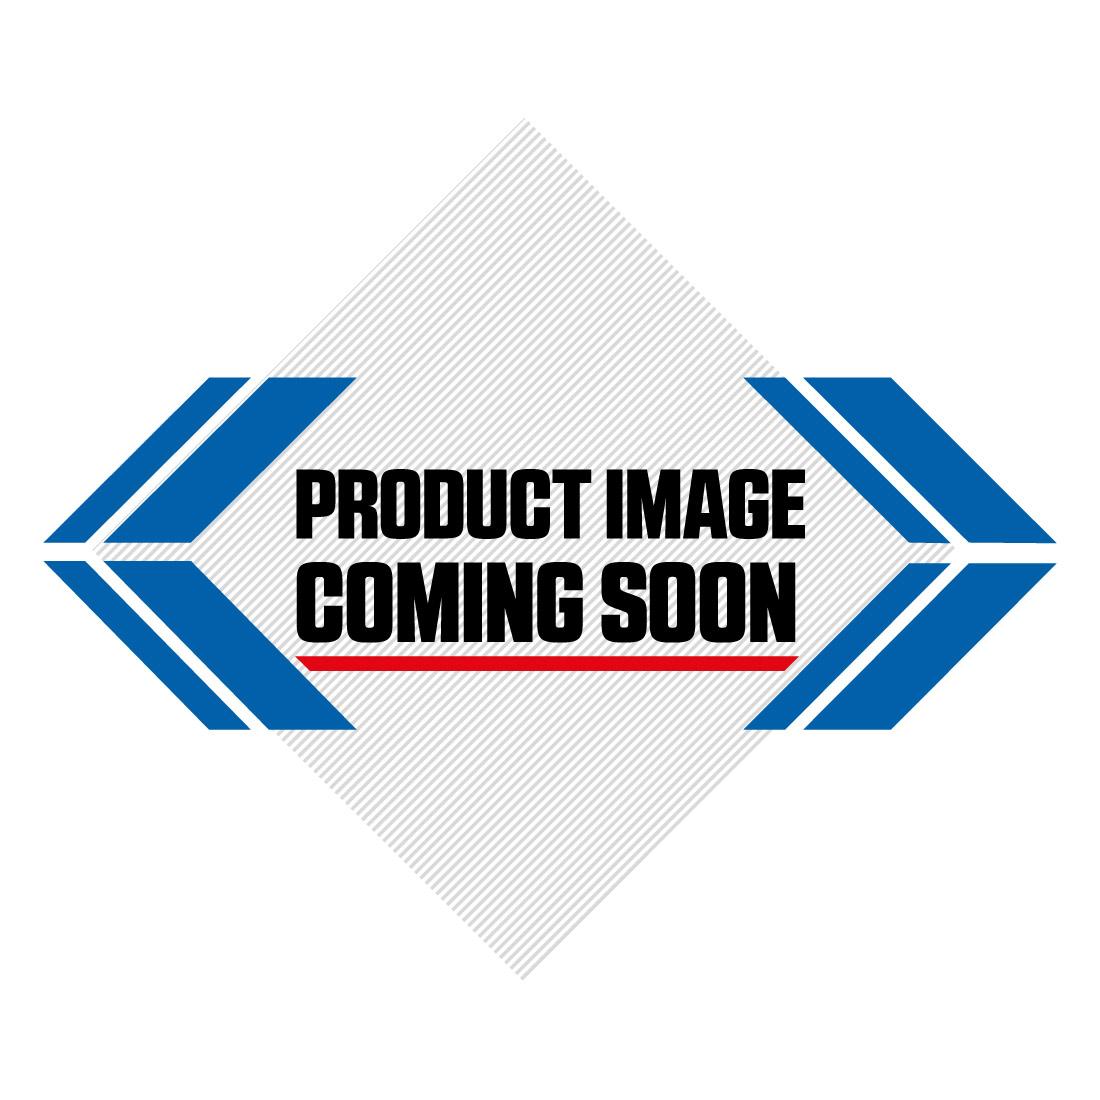 UFO Plastic Kit Husqvarna OEM Factory Image-3>